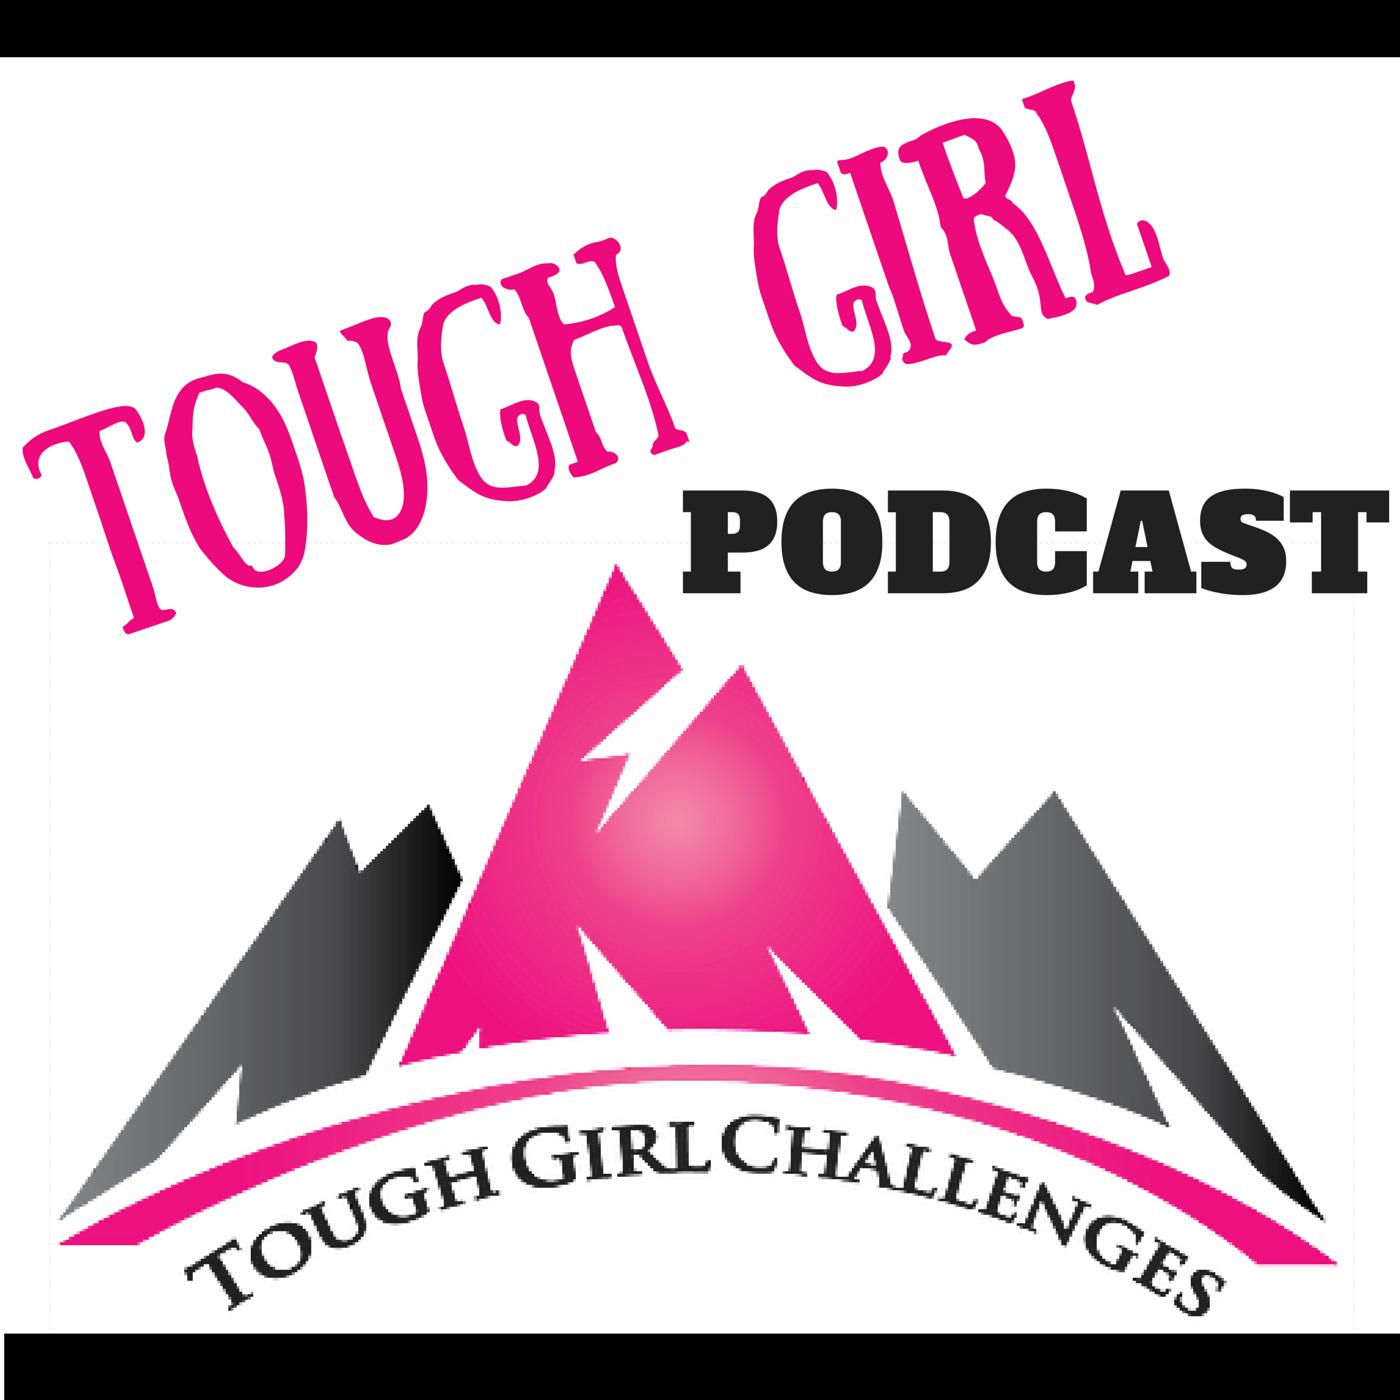 I'm a Tough Girl, now! -